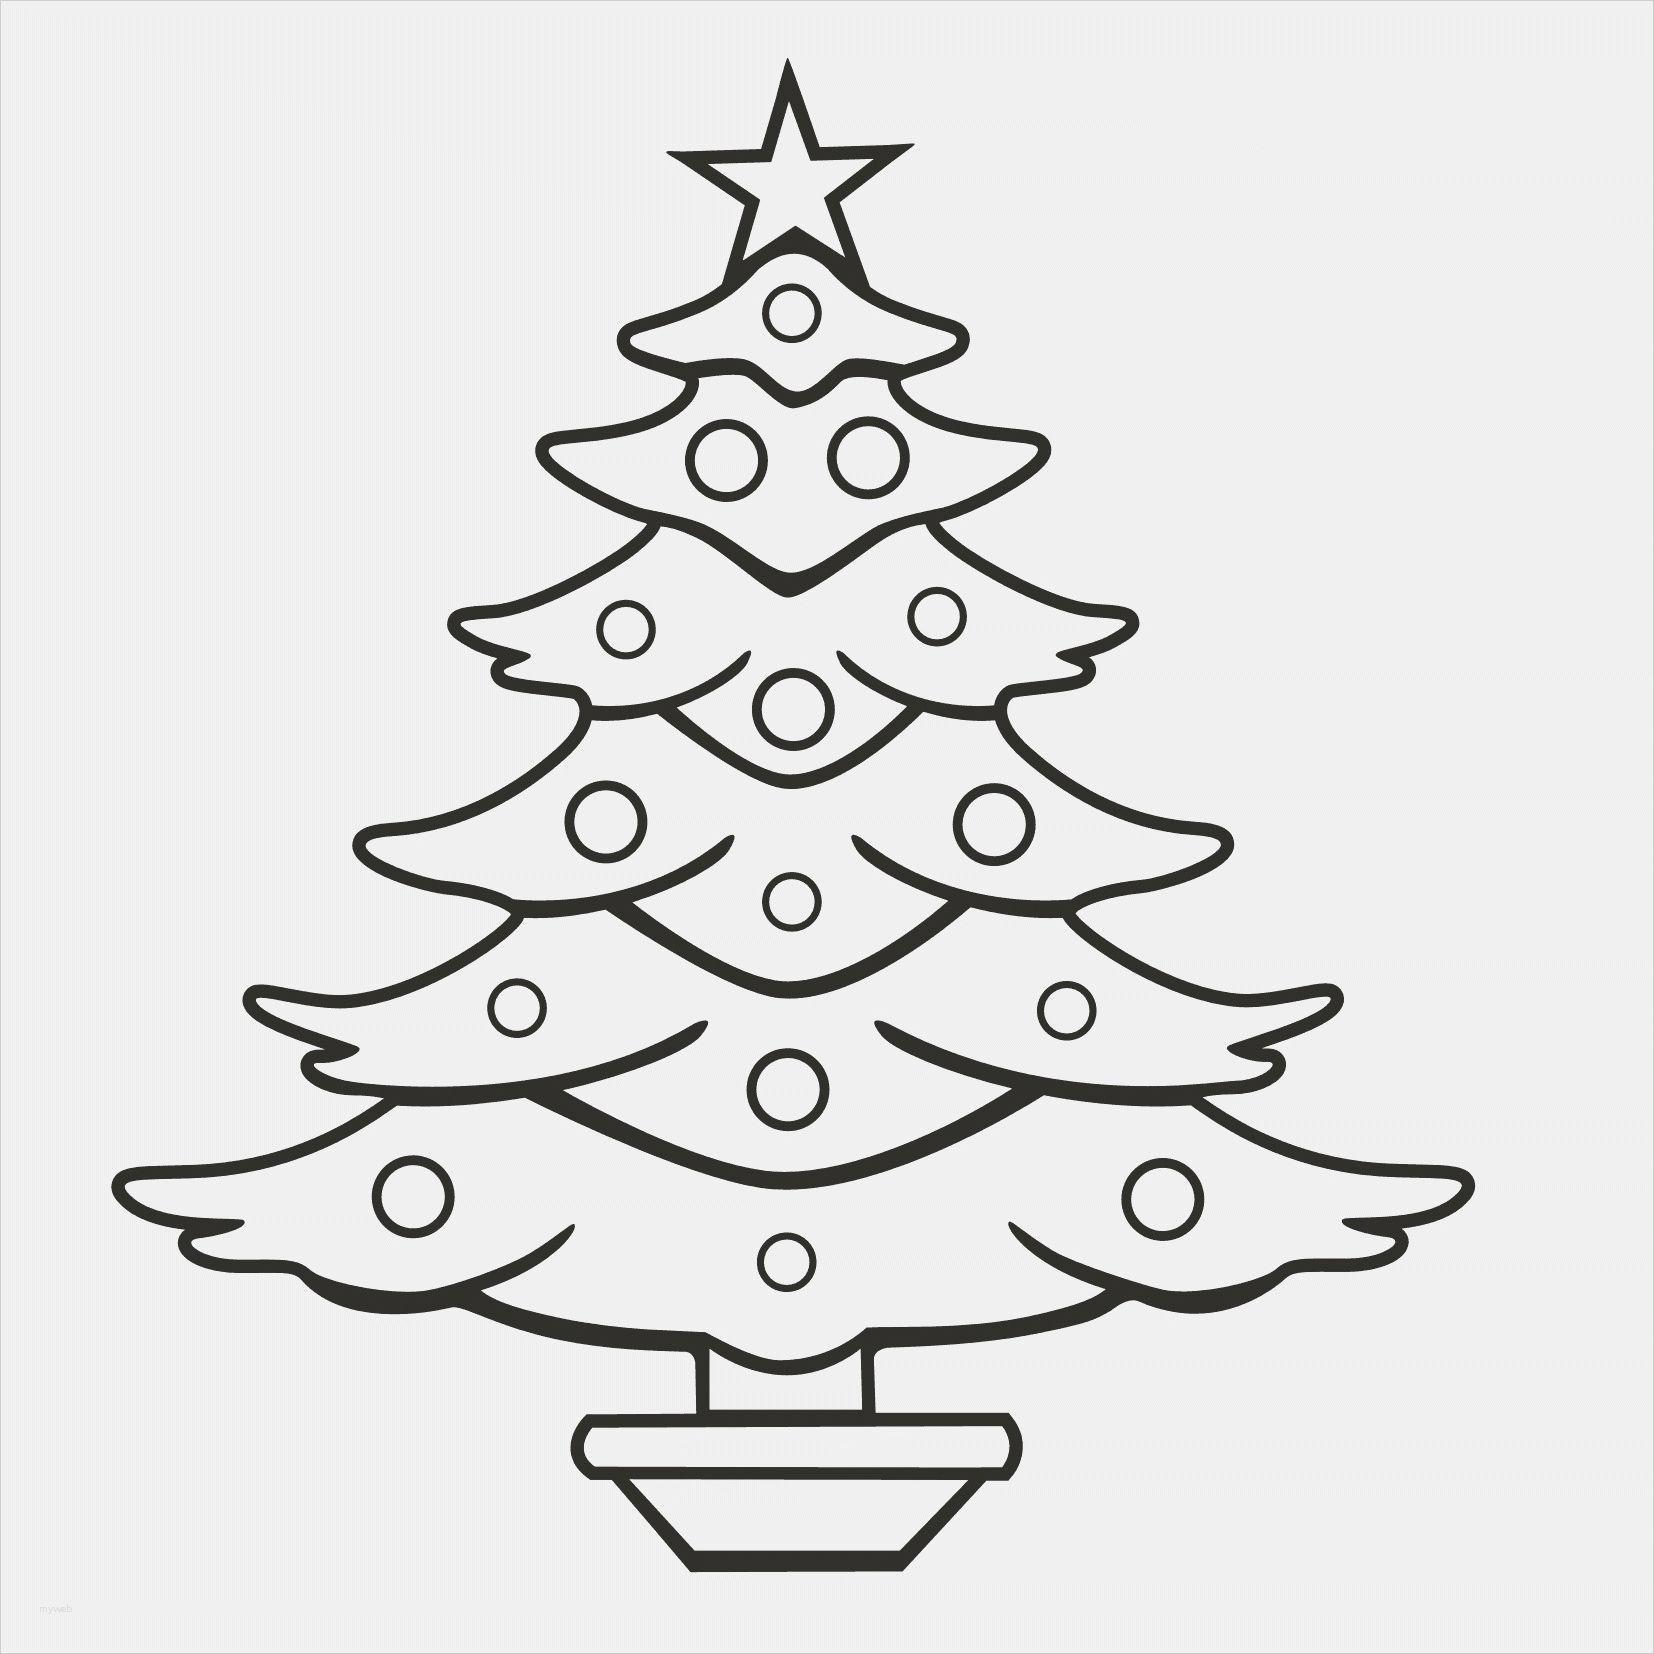 Einzigartig Weihnachtsbaum Basteln Vorlage Farbung Malvorlagen Malvorlagenfurkinder Weihnachtsbaum Vorlage Bunter Weihnachtsbaum Malvorlagen Weihnachten